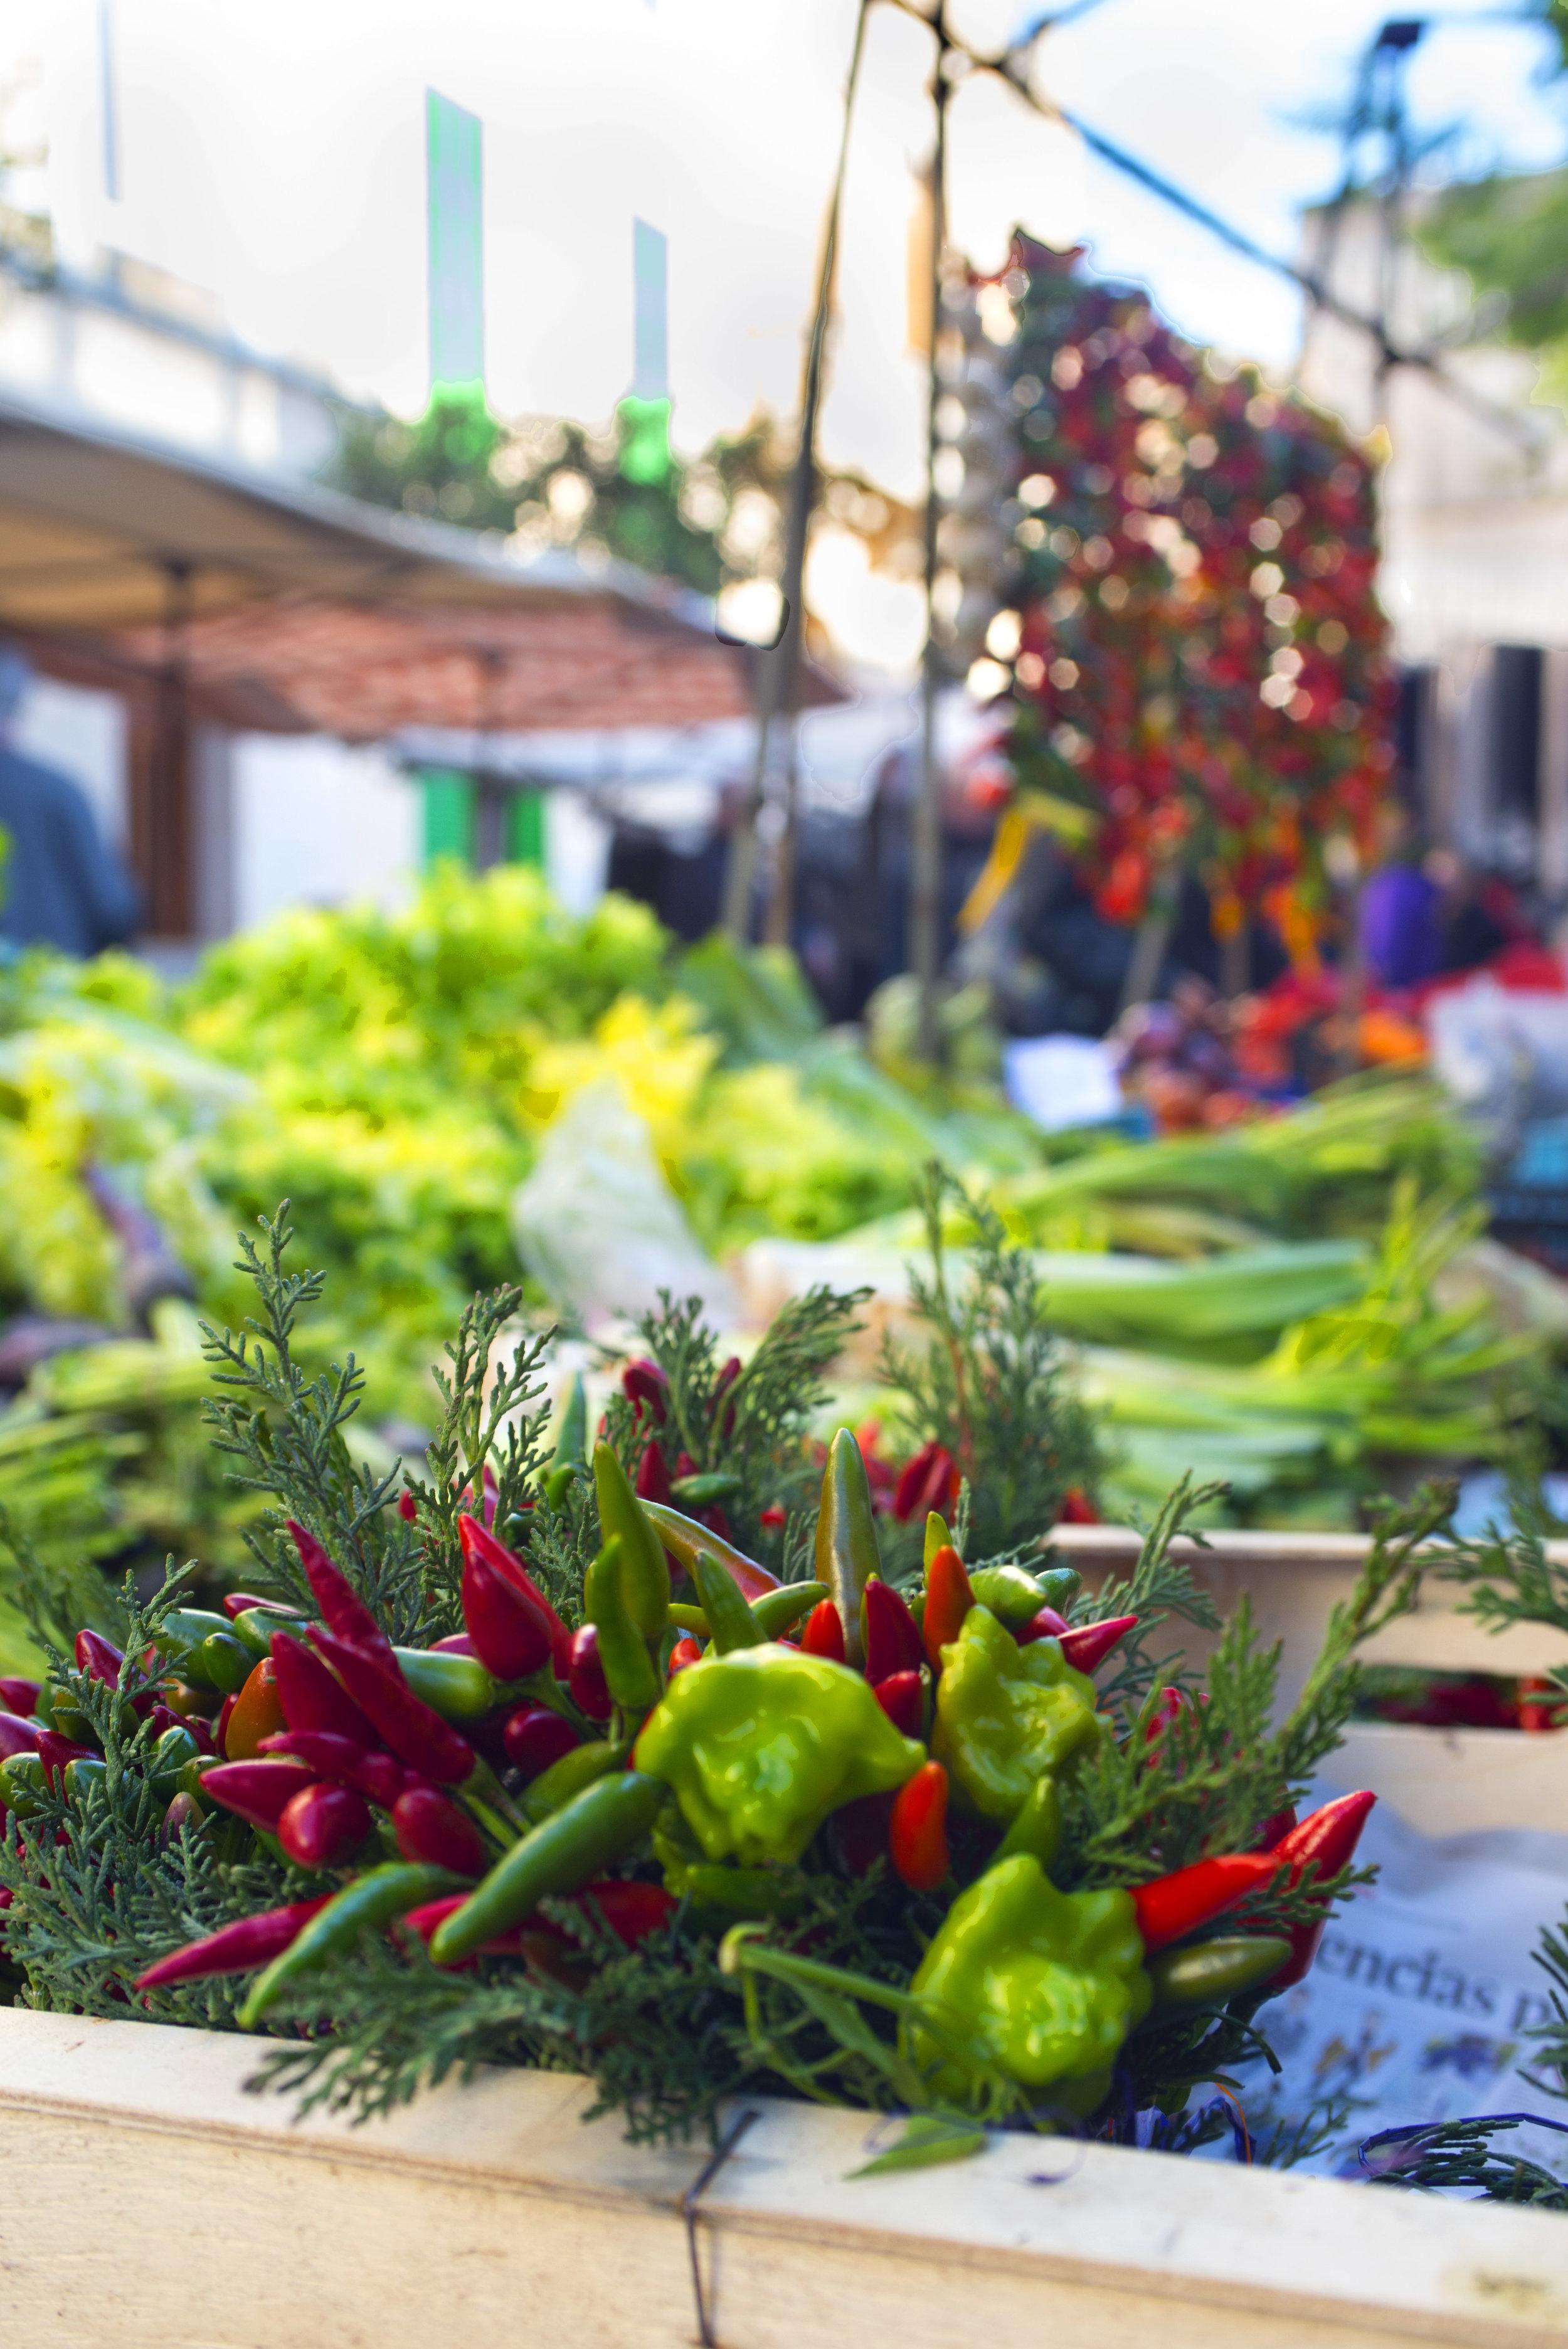 Porreres market, Mallorca Spain.